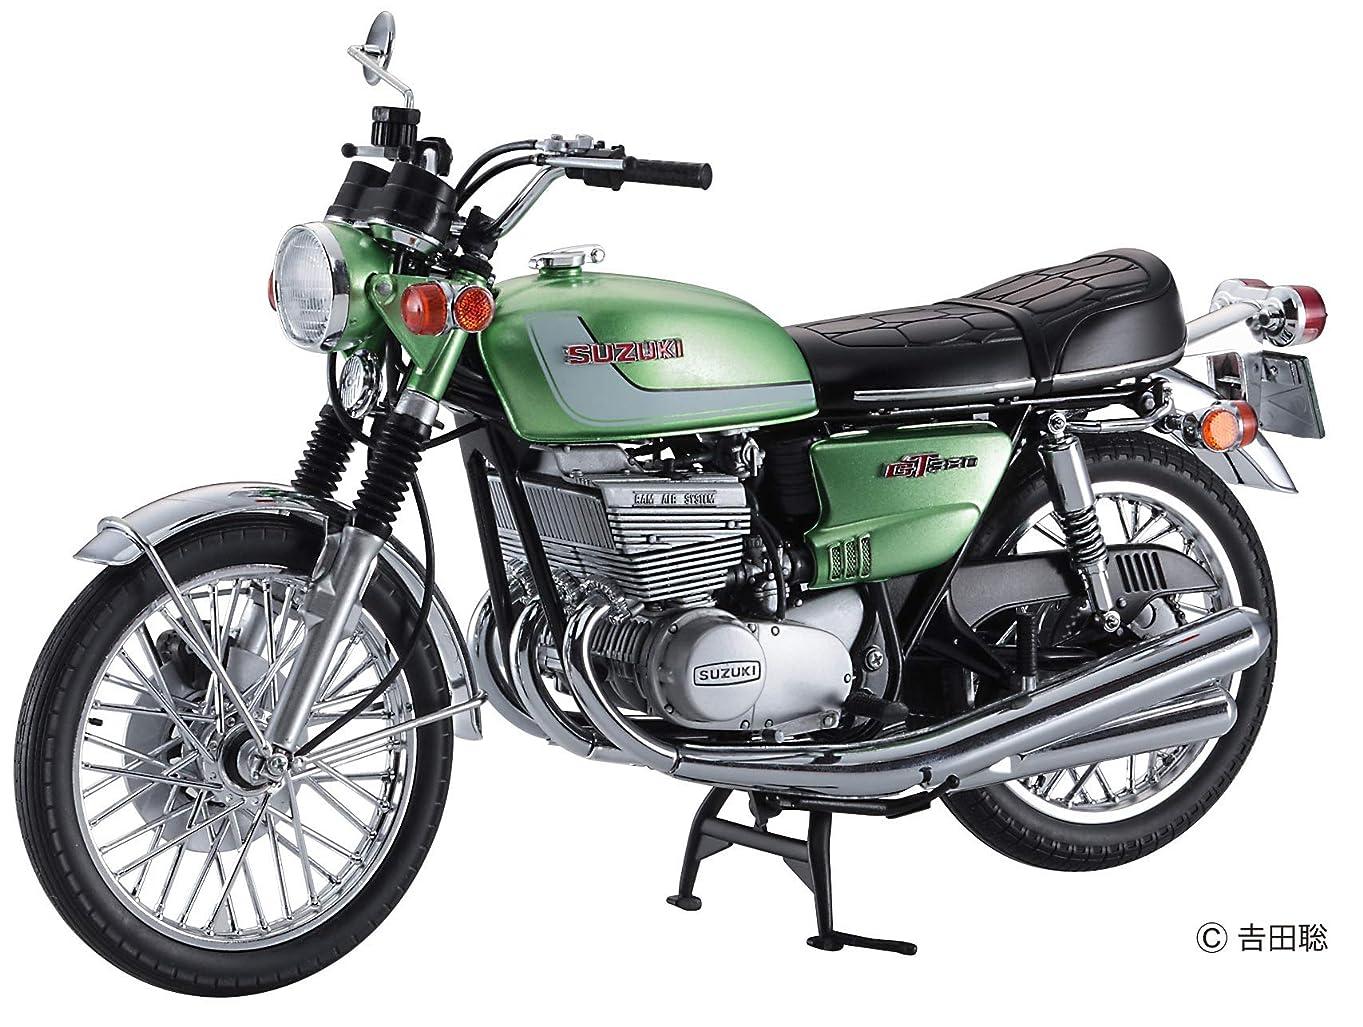 トレーダーかもしれないリアルタミヤ 1/12 オートバイシリーズ No.10 スズキ GSX1100S カタナ プラモデル 14010